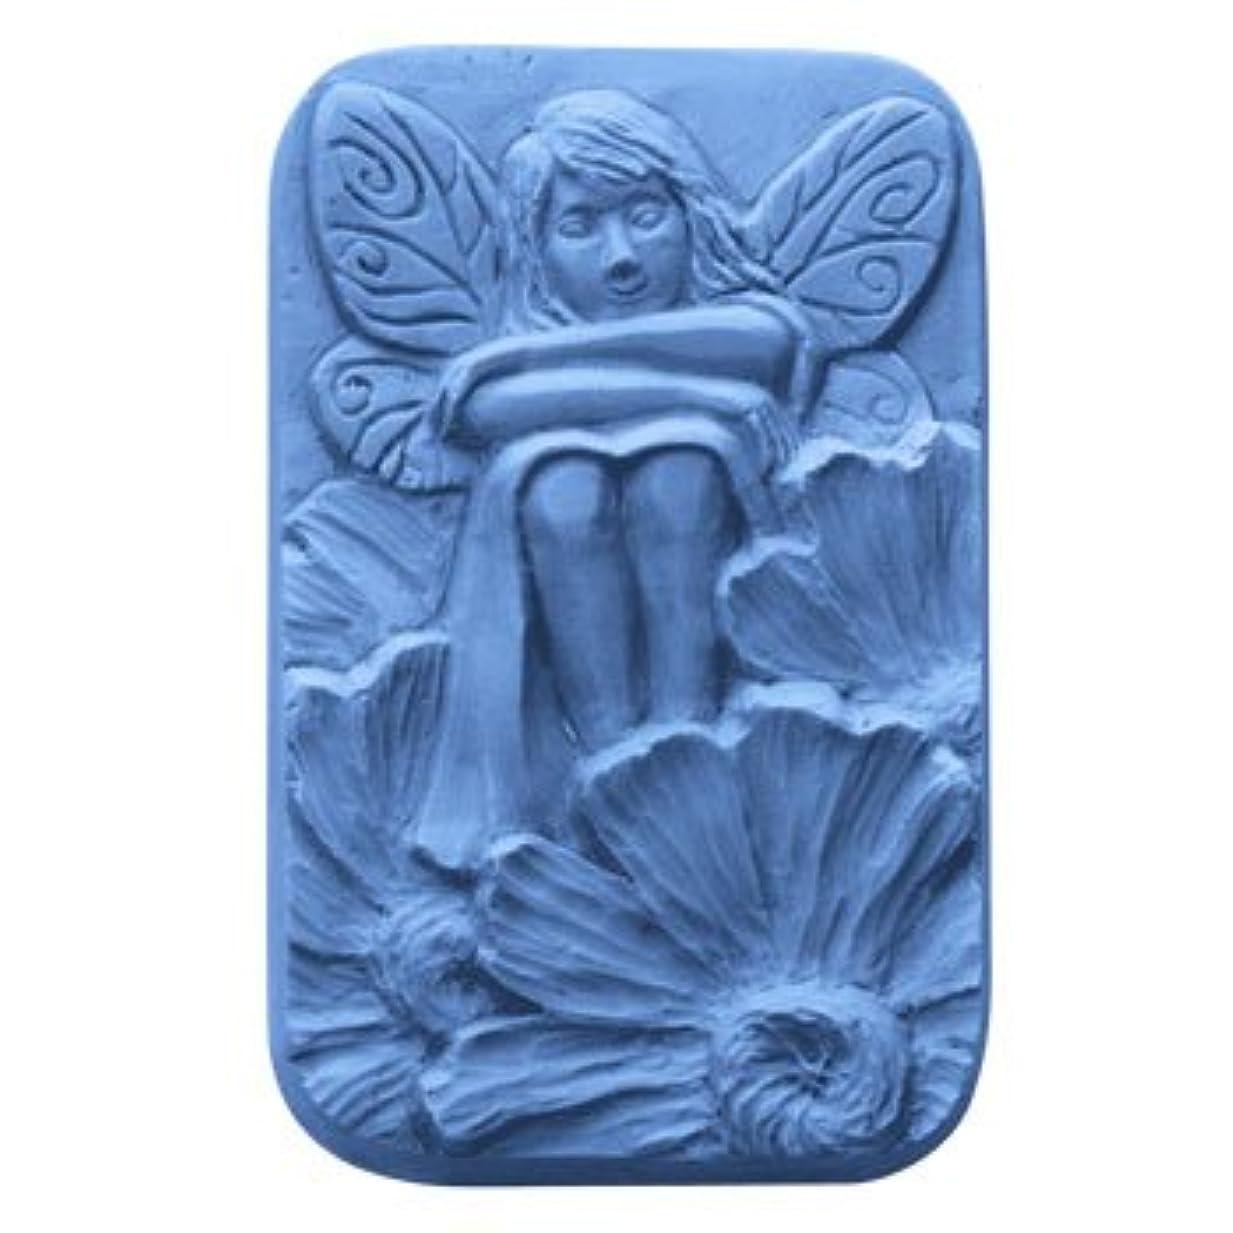 プラグパントリー寄稿者ミルキーウェイ フェアリー[妖精] 【ソープモールド/石鹸型/シートモールド】